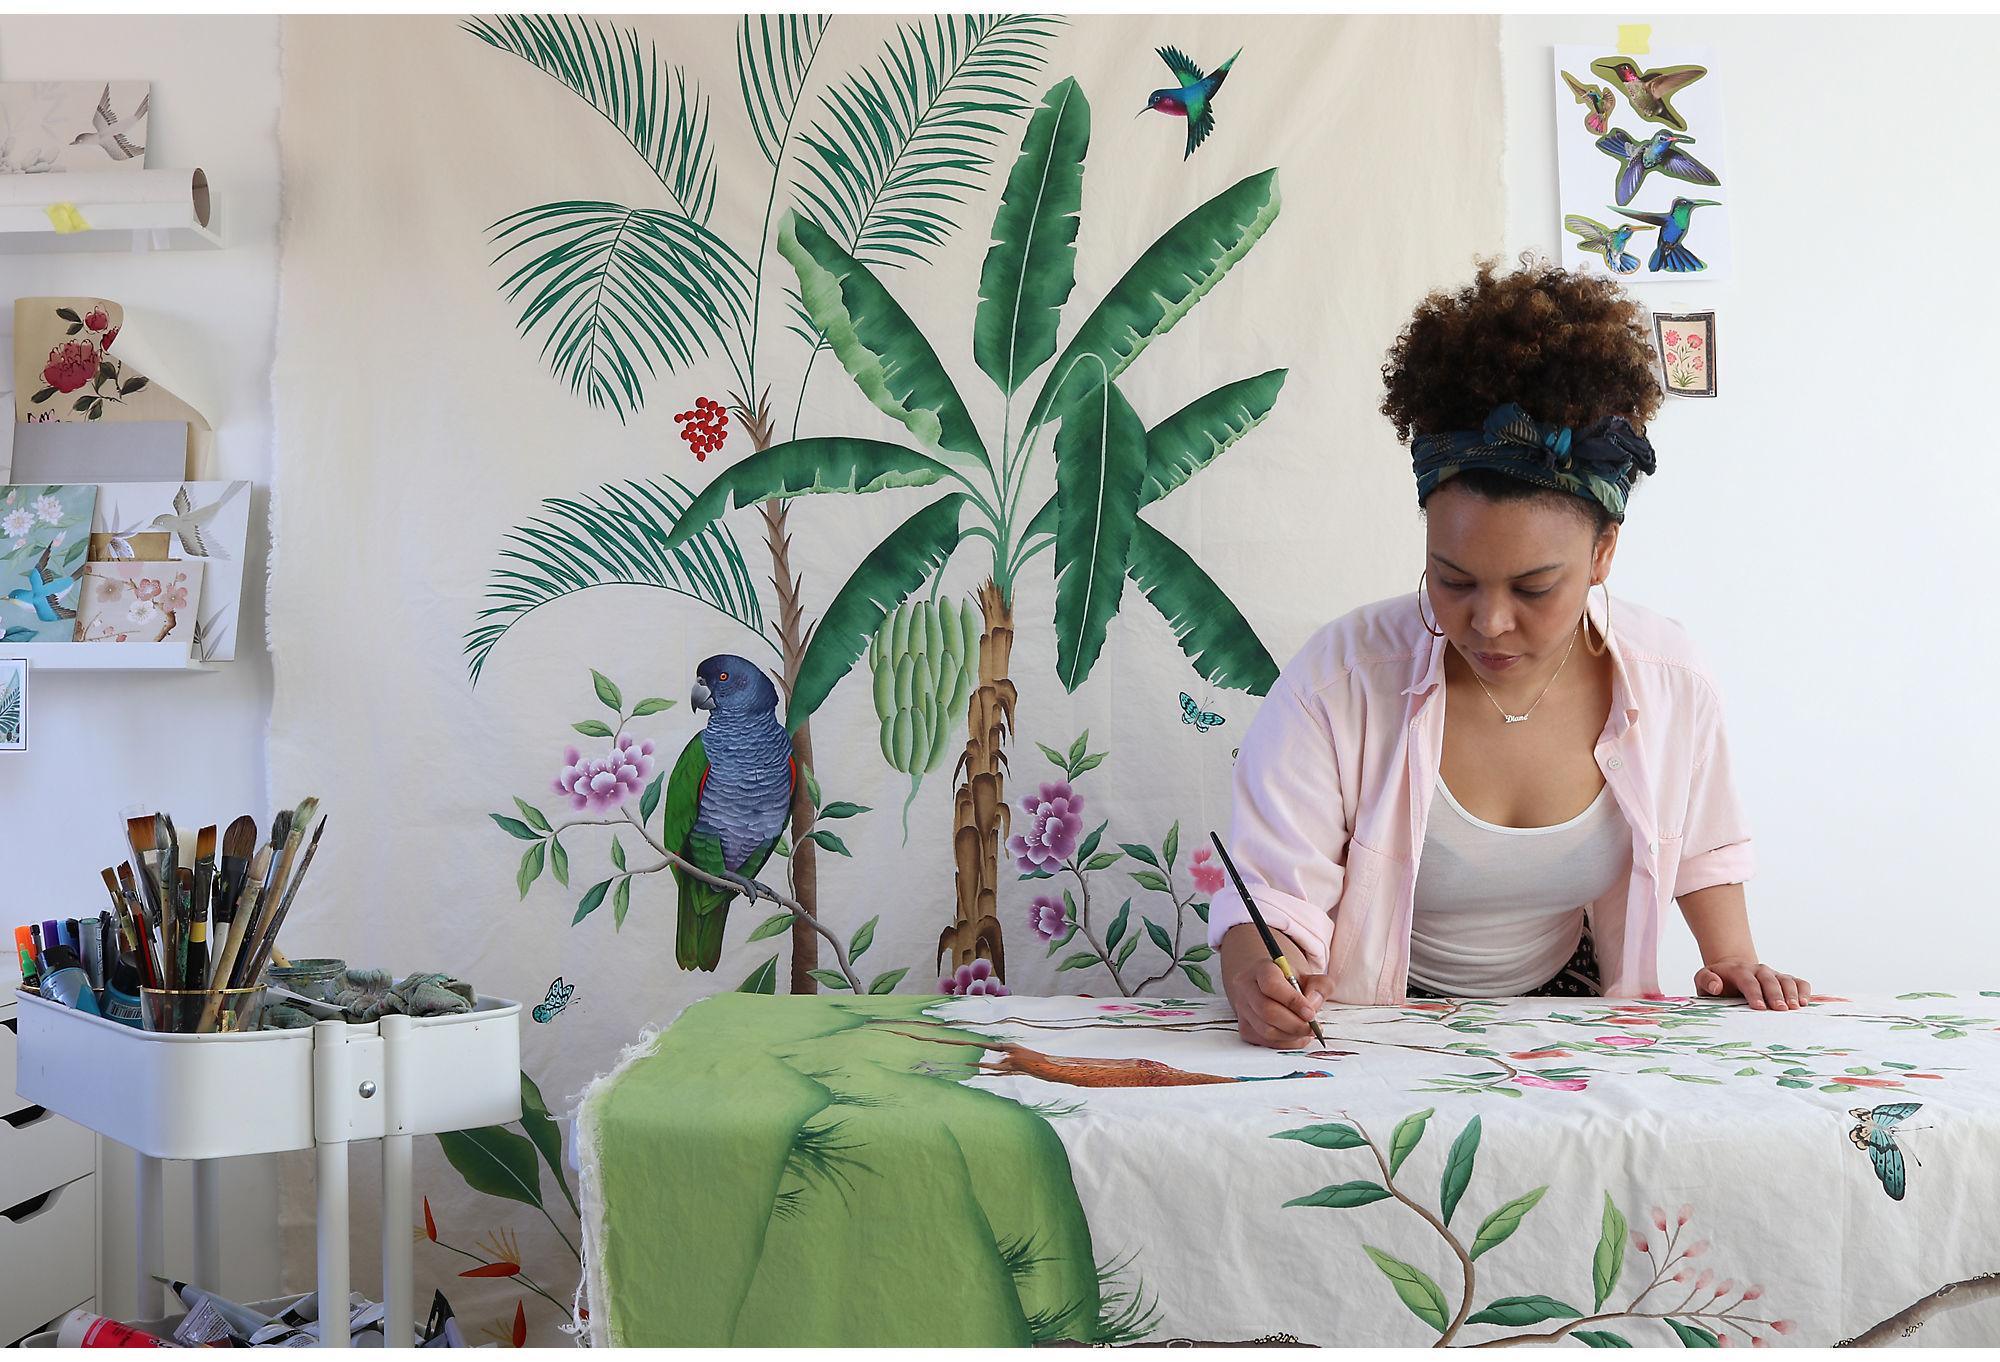 Artist Diane Hill at work